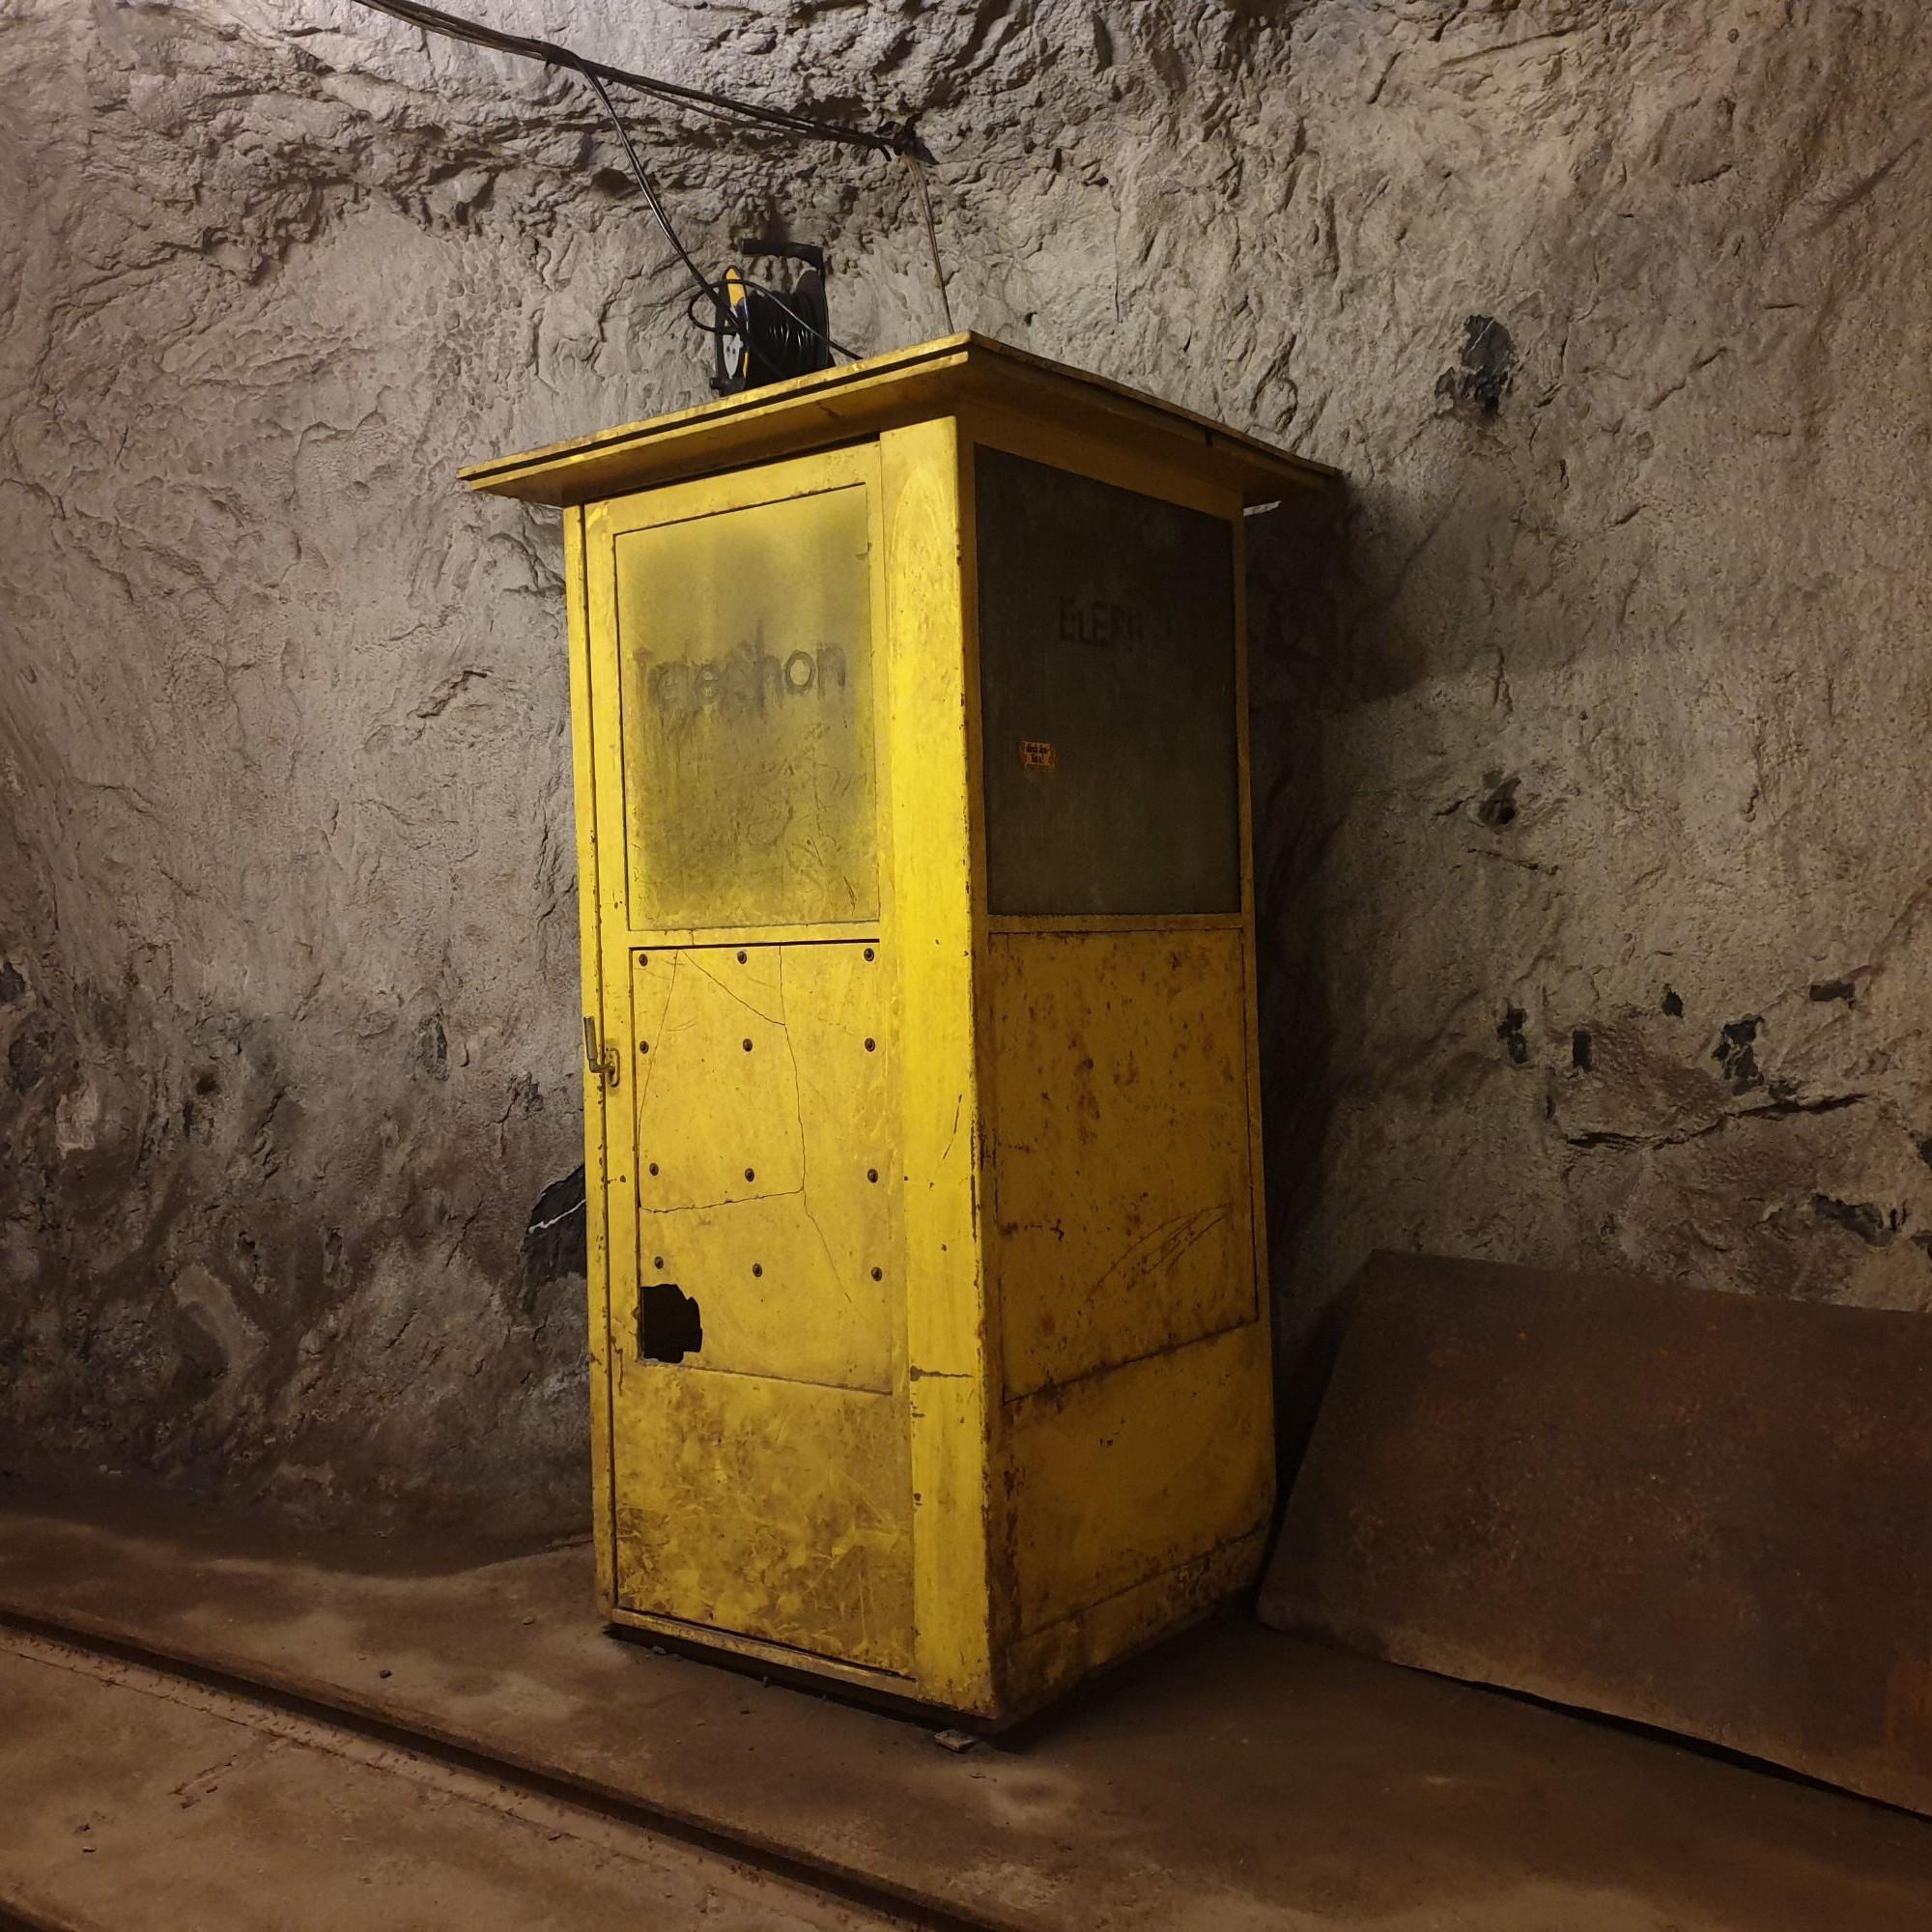 Eine Telefonzelle, die früher bei Notfällen genutzt wurde.